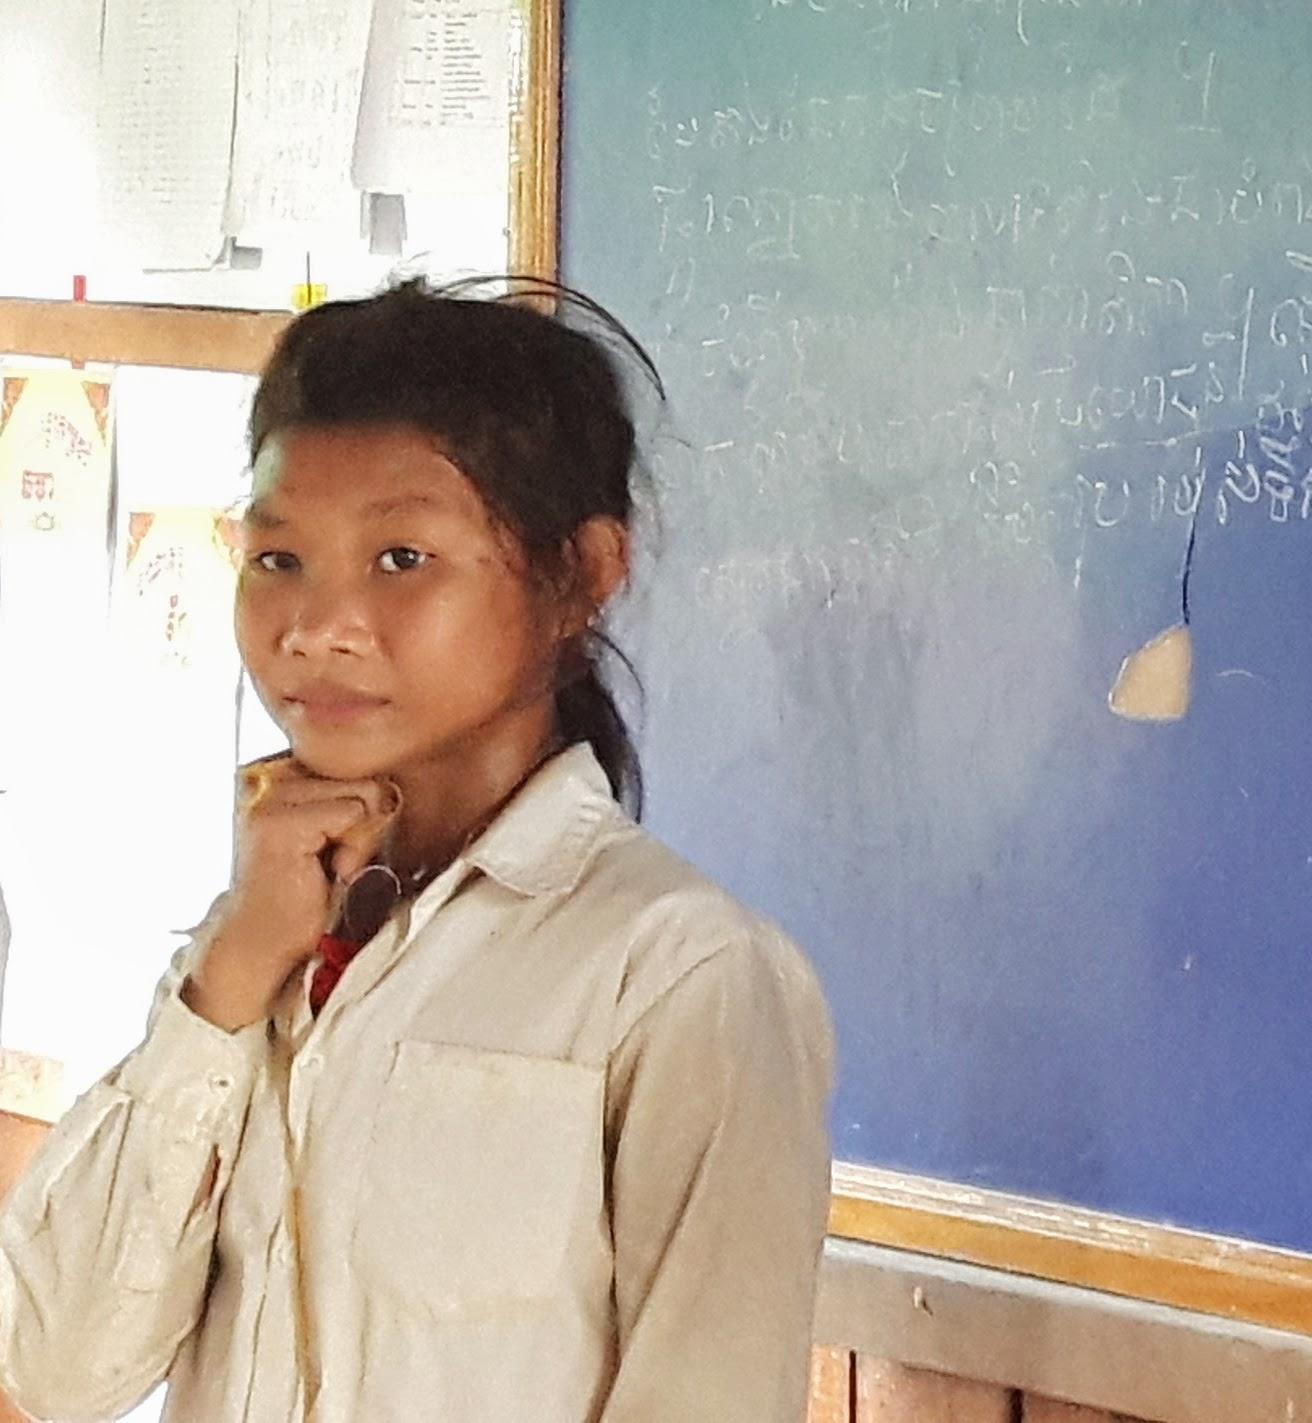 Channy, jovem cambojana de vinte e poucos anos.